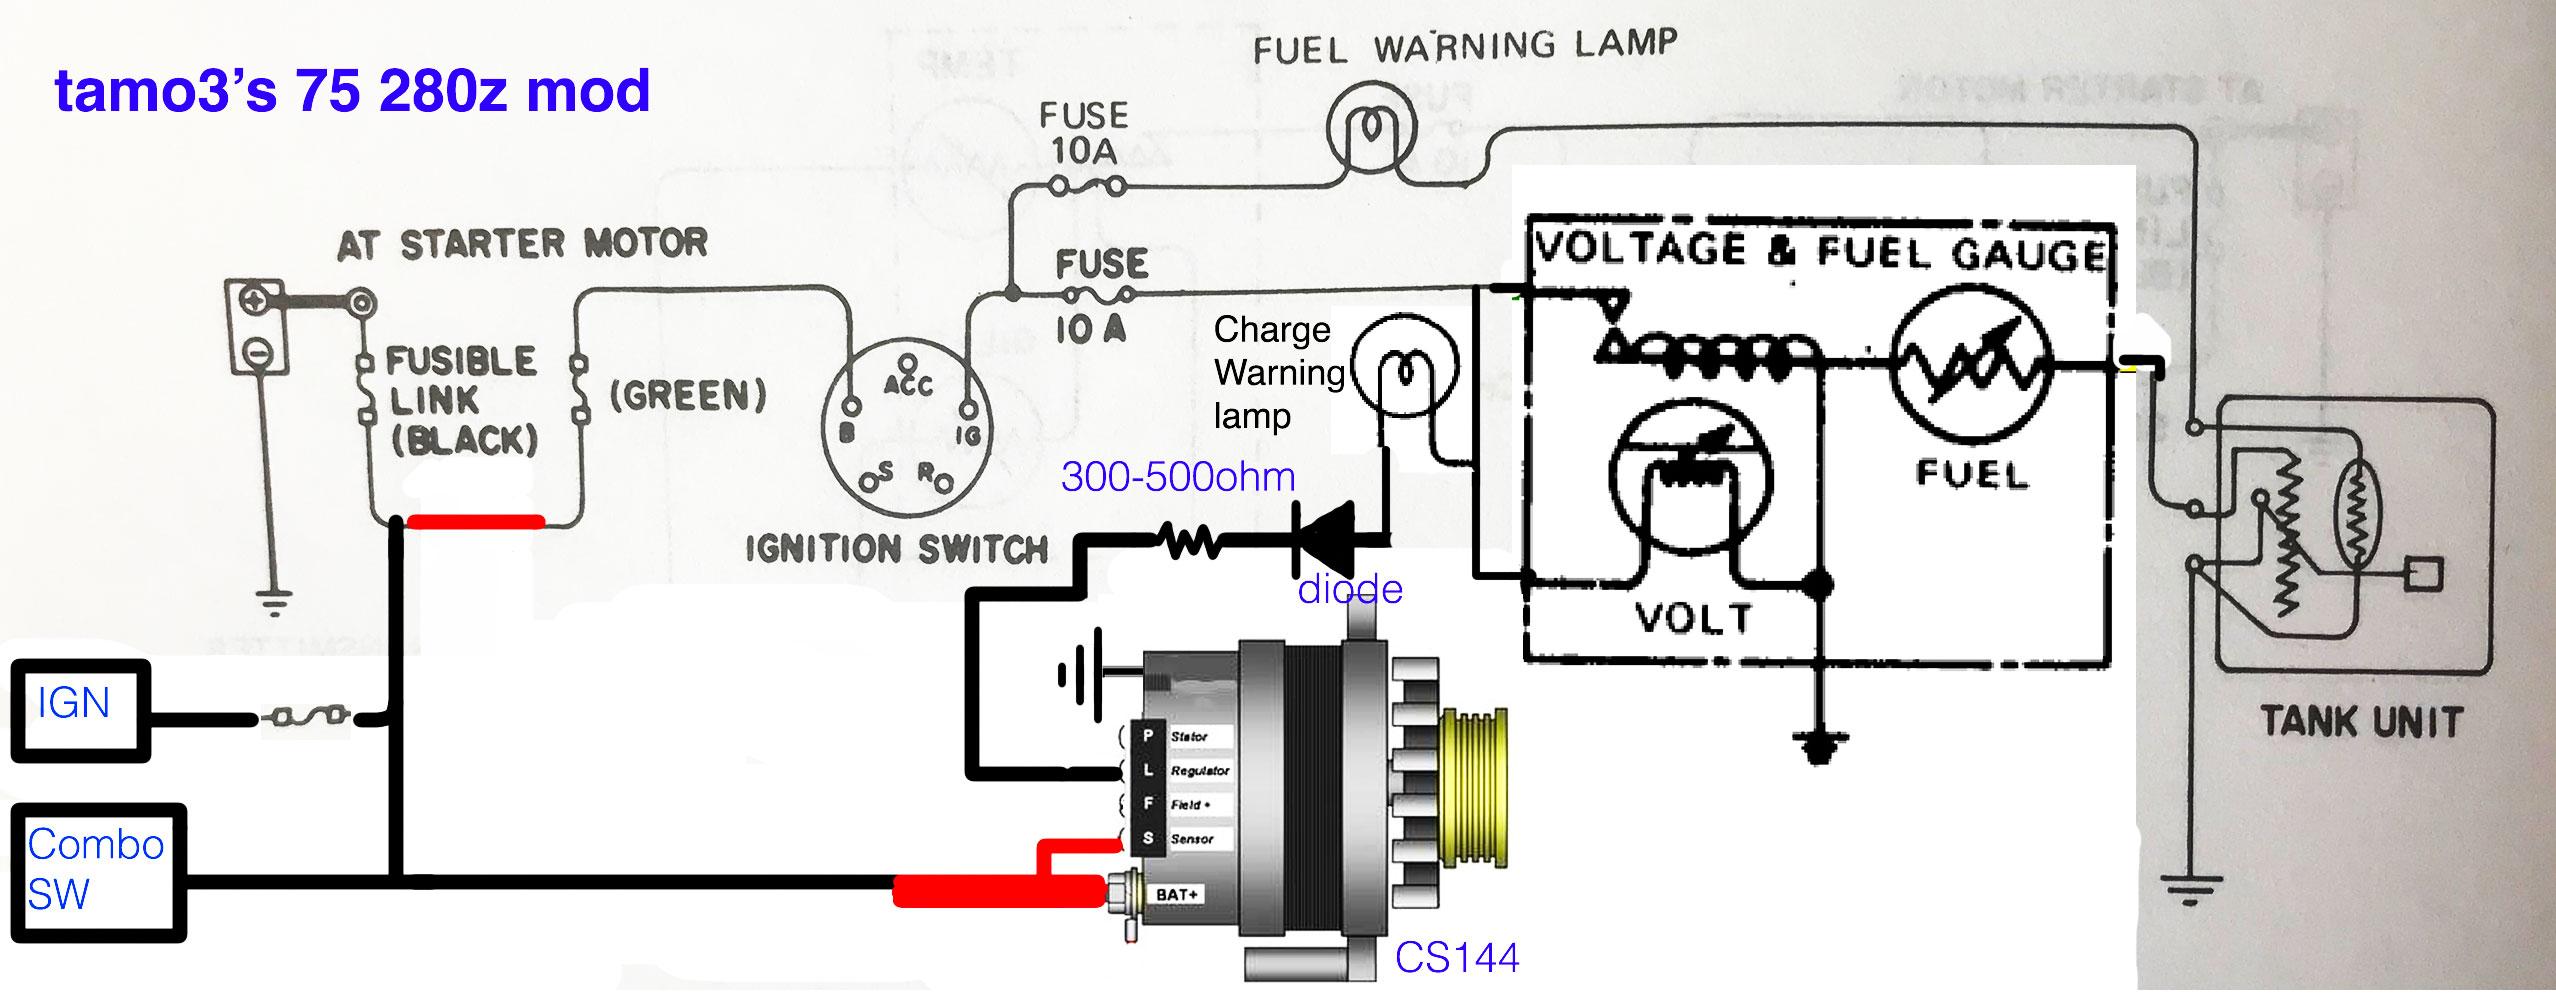 1100700 Delco Alternator Wiring Diagram Online Wiring Diagram